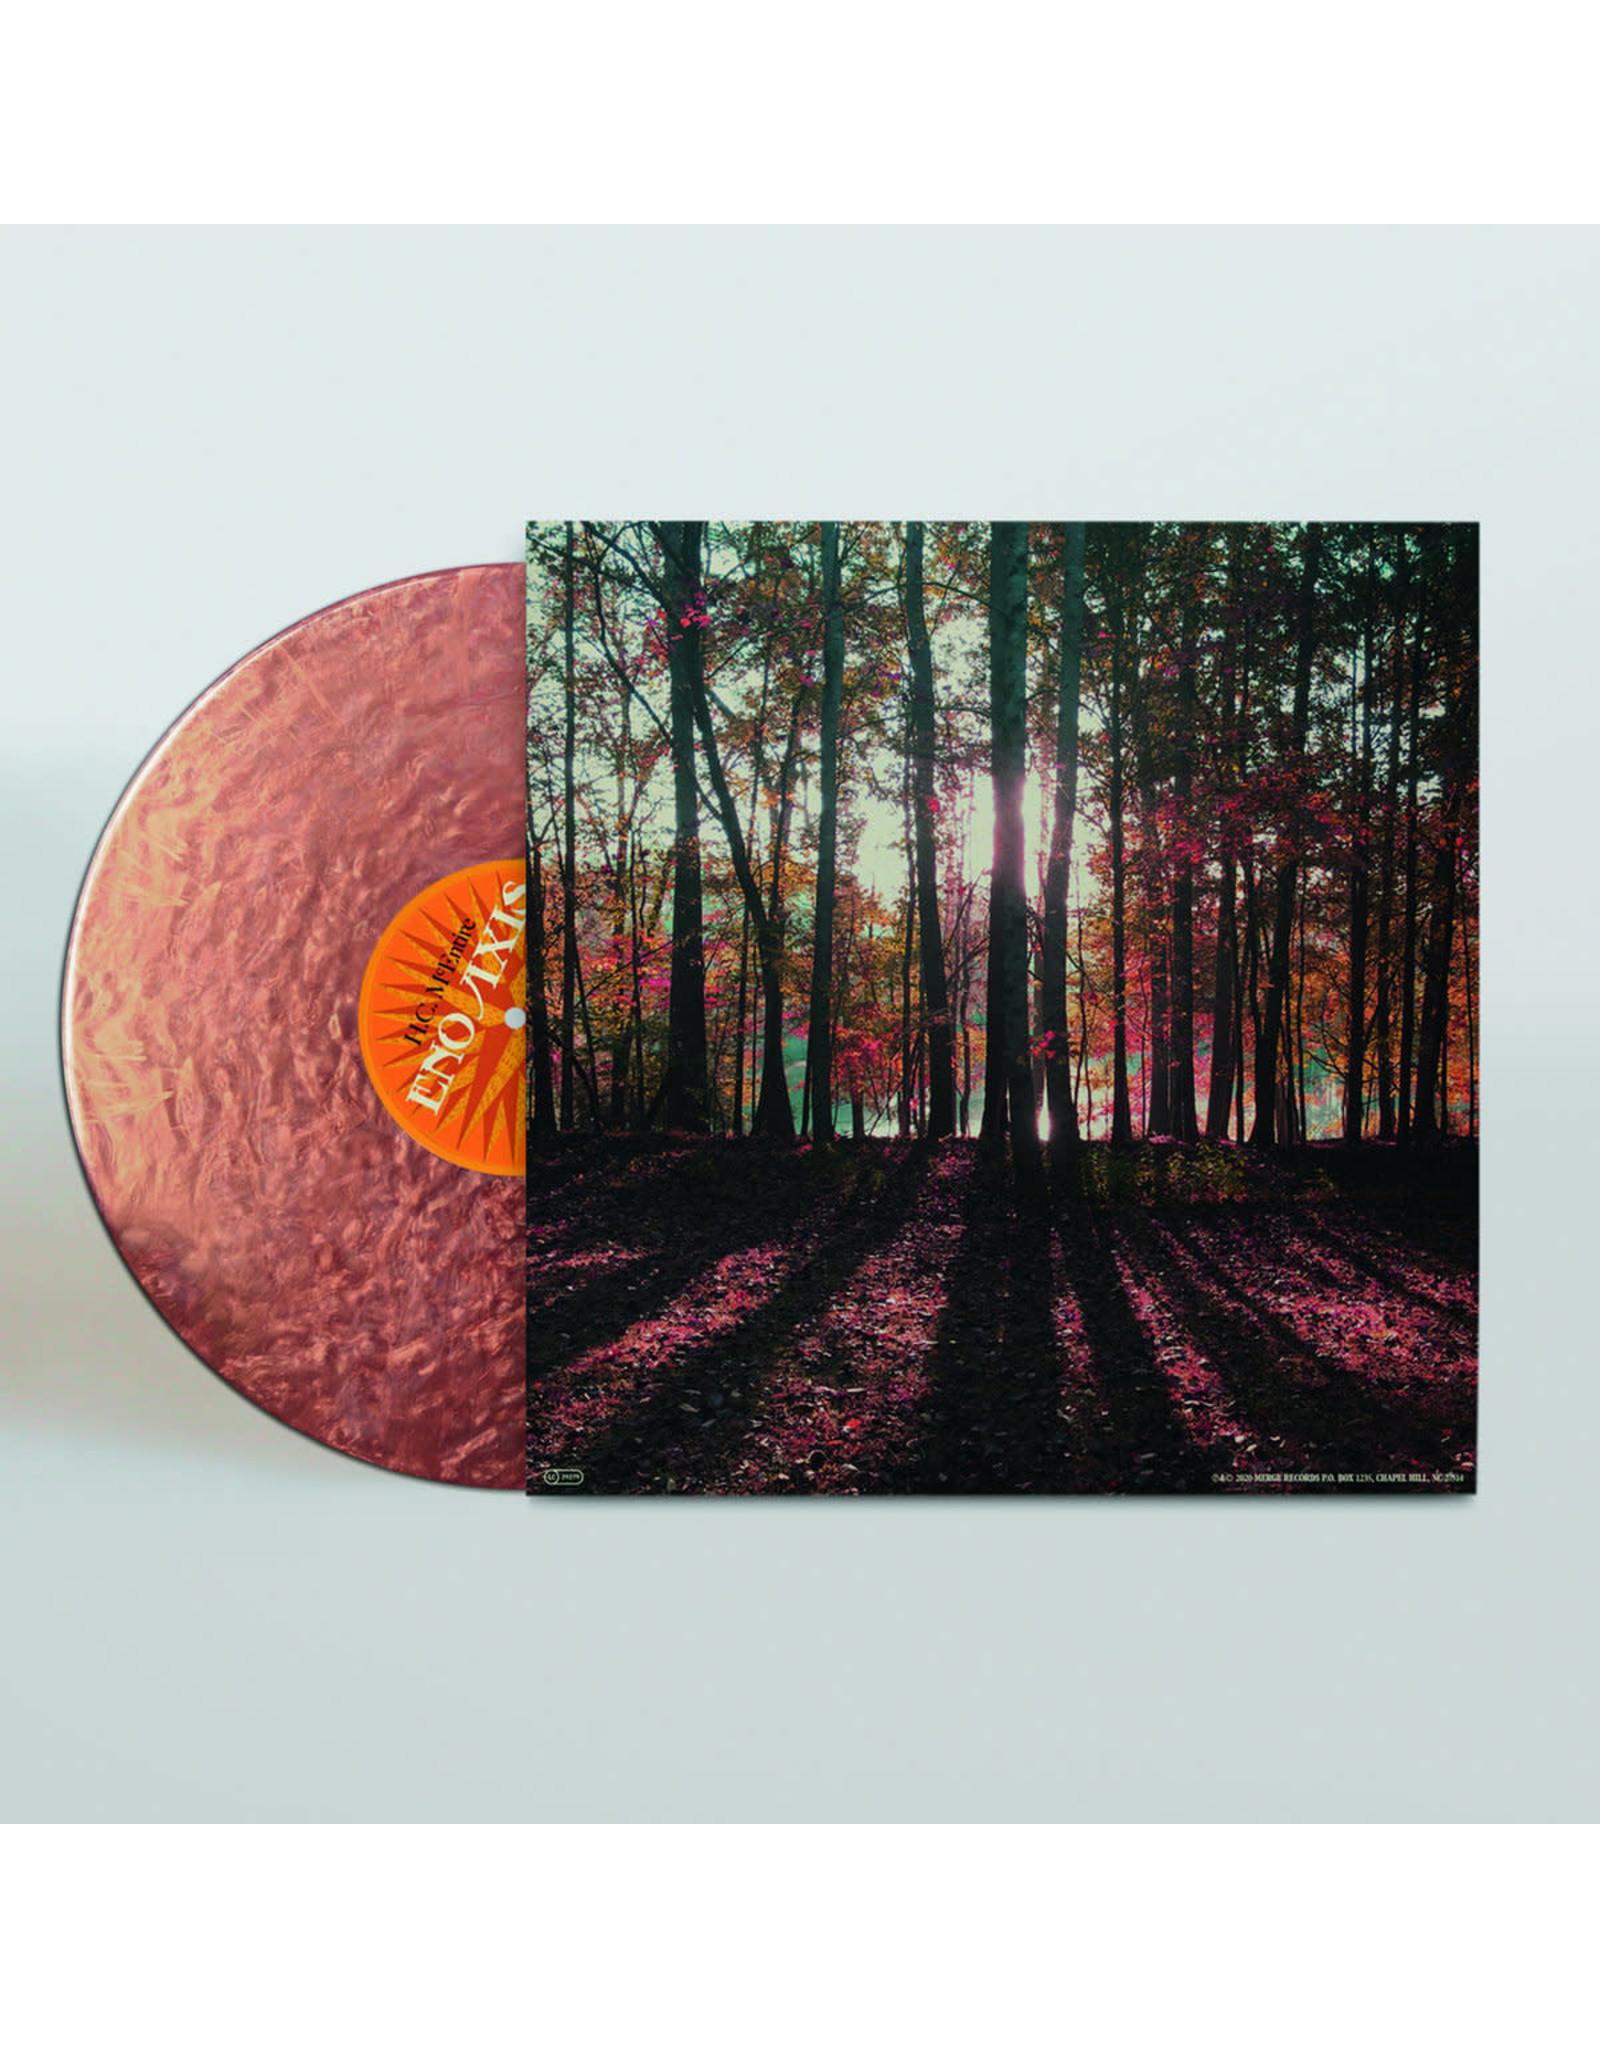 H.C. McEntire - Eno Axis (Copper Vinyl)